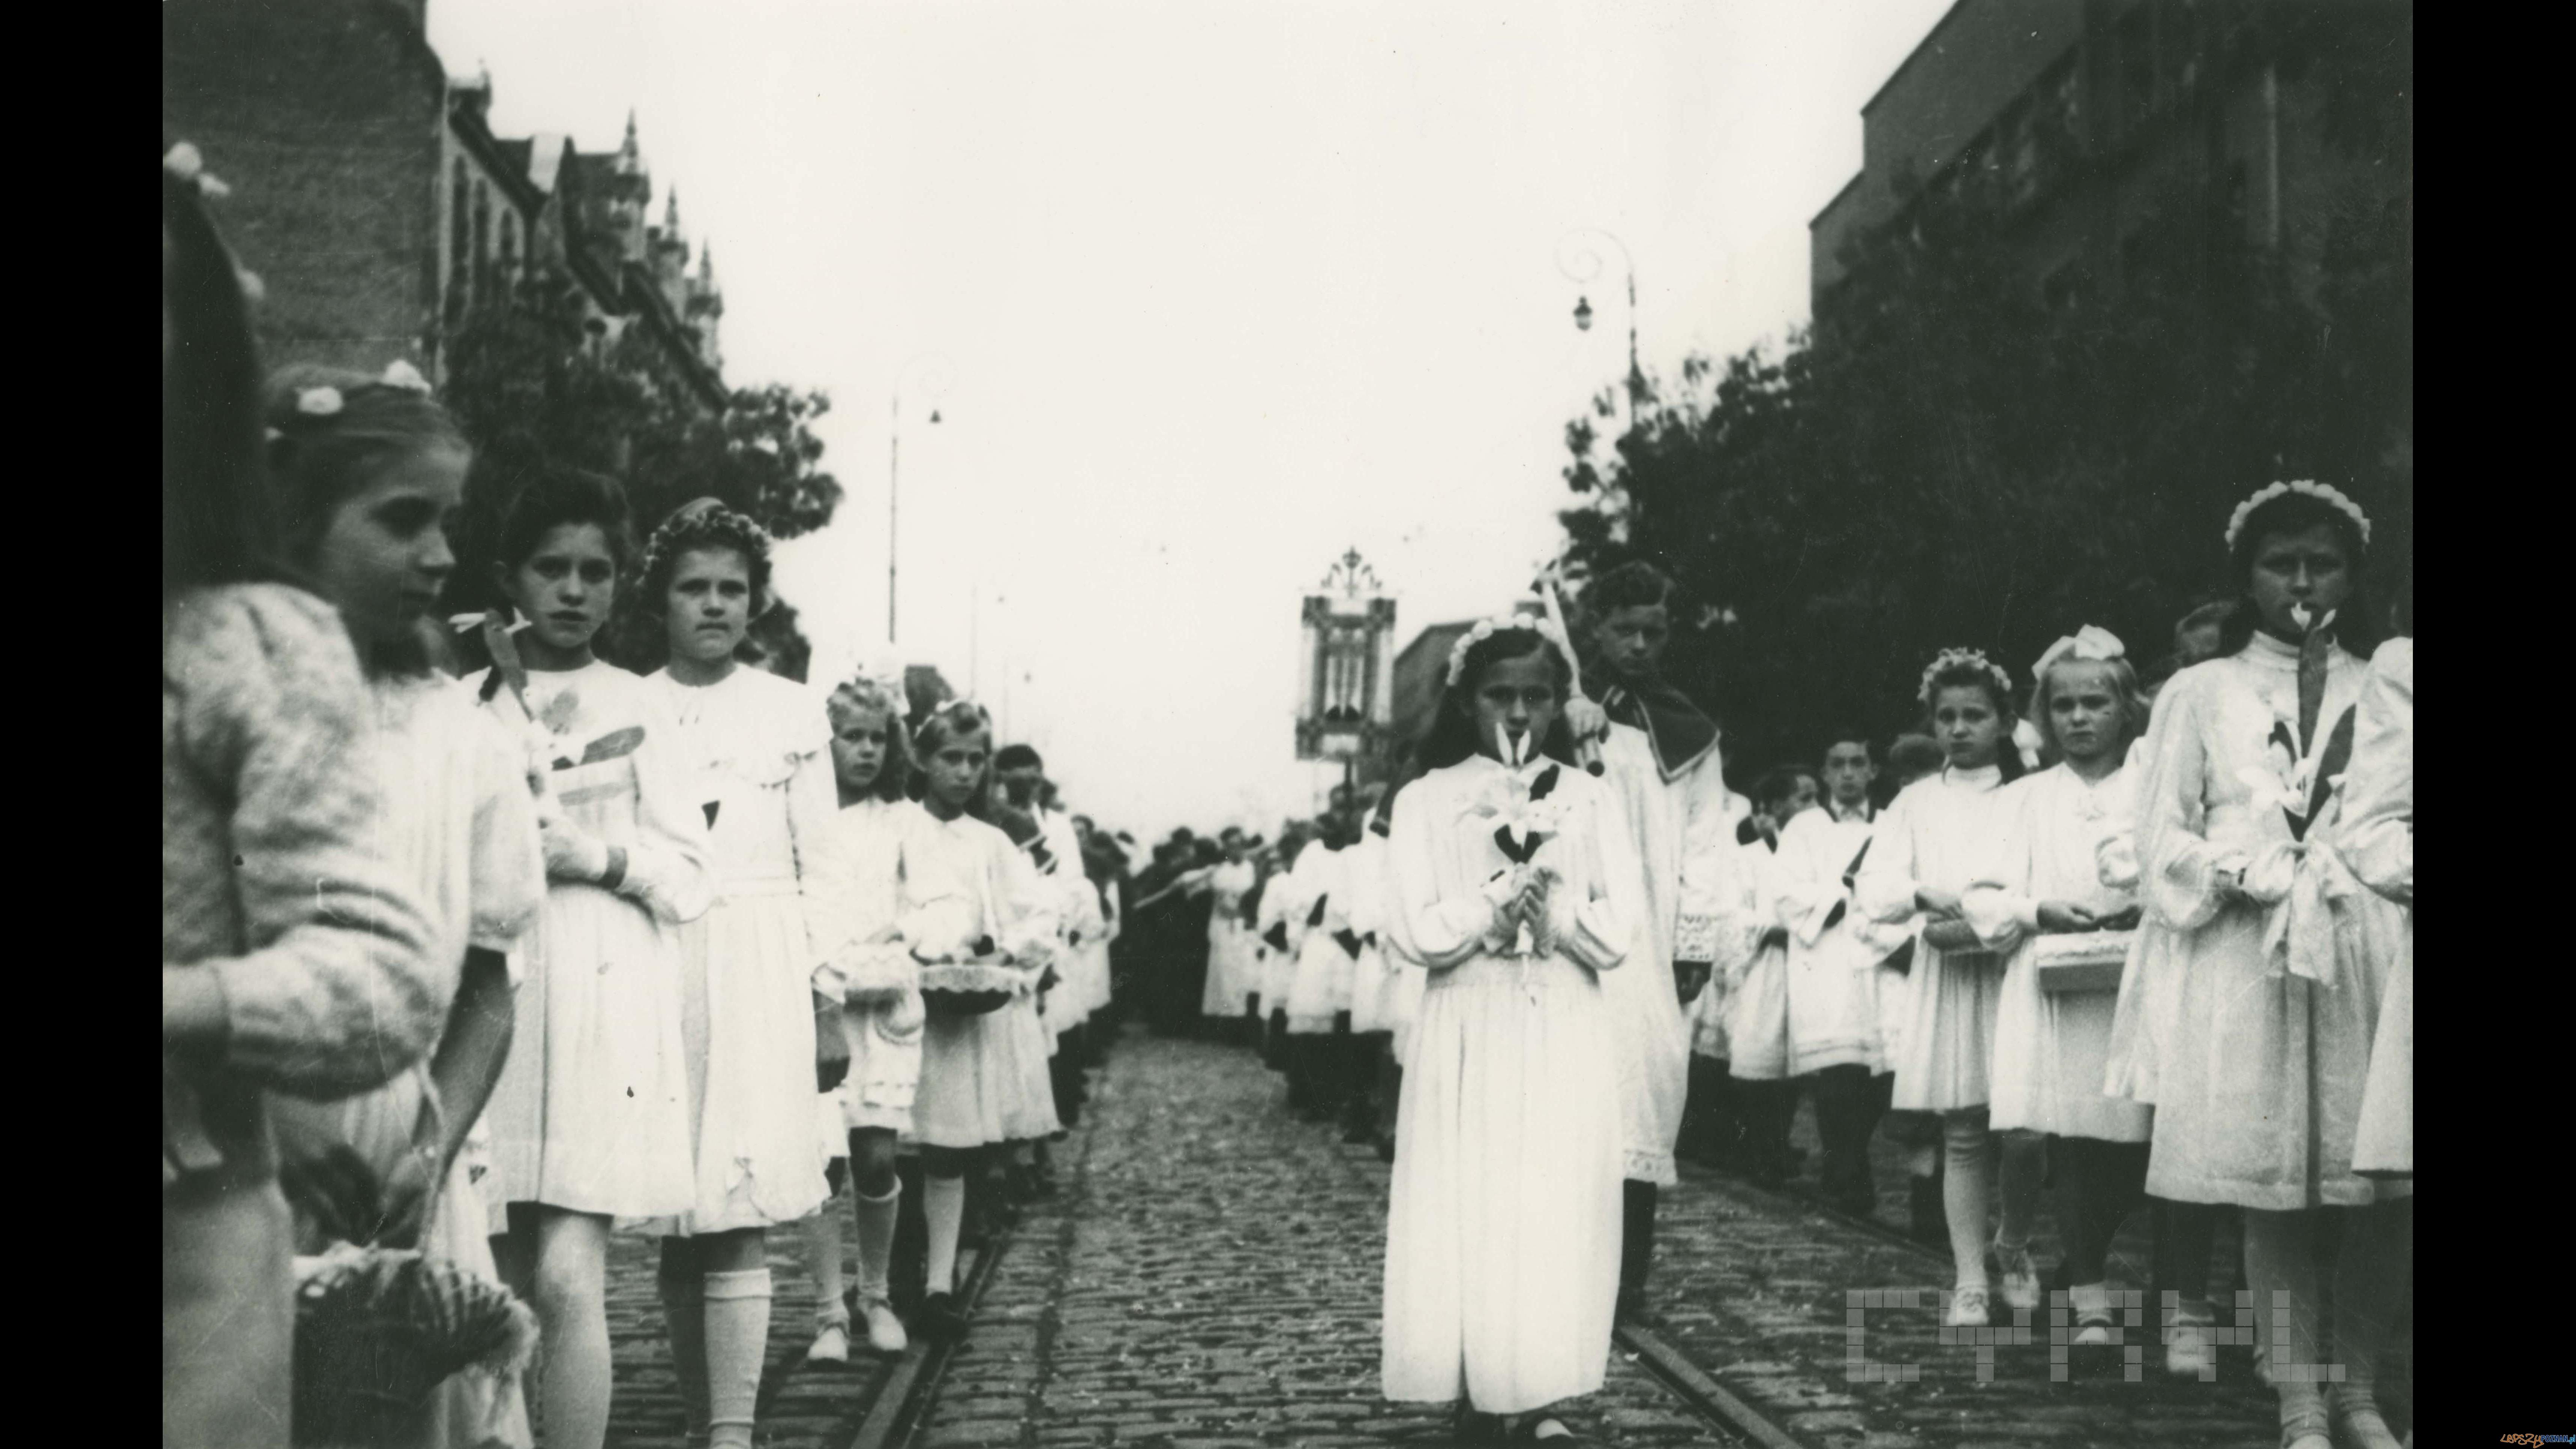 Pierwsza powojenna procesja Bożego Ciała na ul. Marszałka Focha (obecnie ul. Głogowska)  |  31.05.1945  Foto: